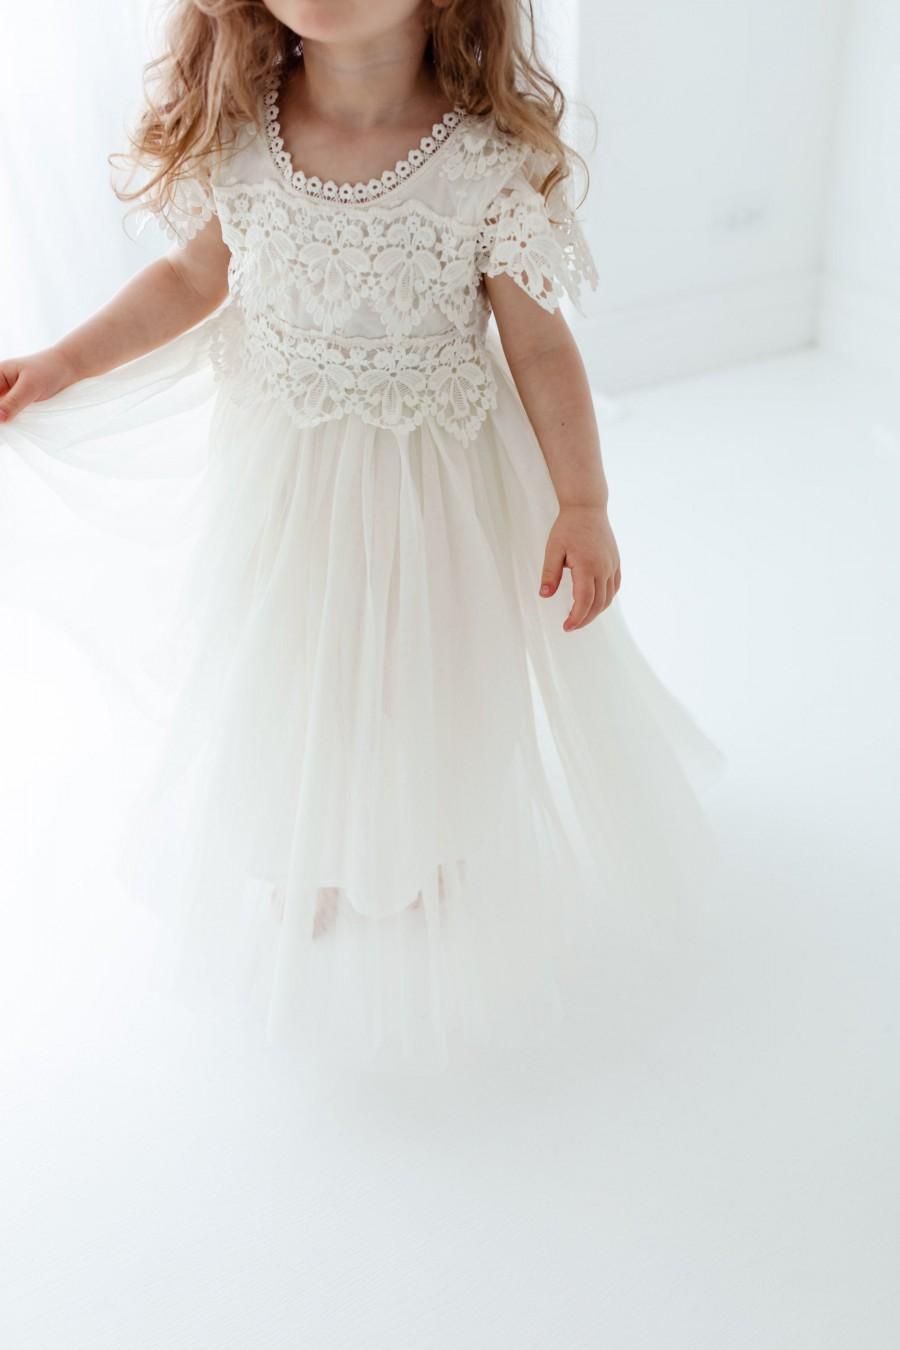 Wedding - Bohemian Ivory Flower Girl Dress, Rustic Tulle Wedding Dress, Will You Be My Flower Girl Proposal, Boho Dresses